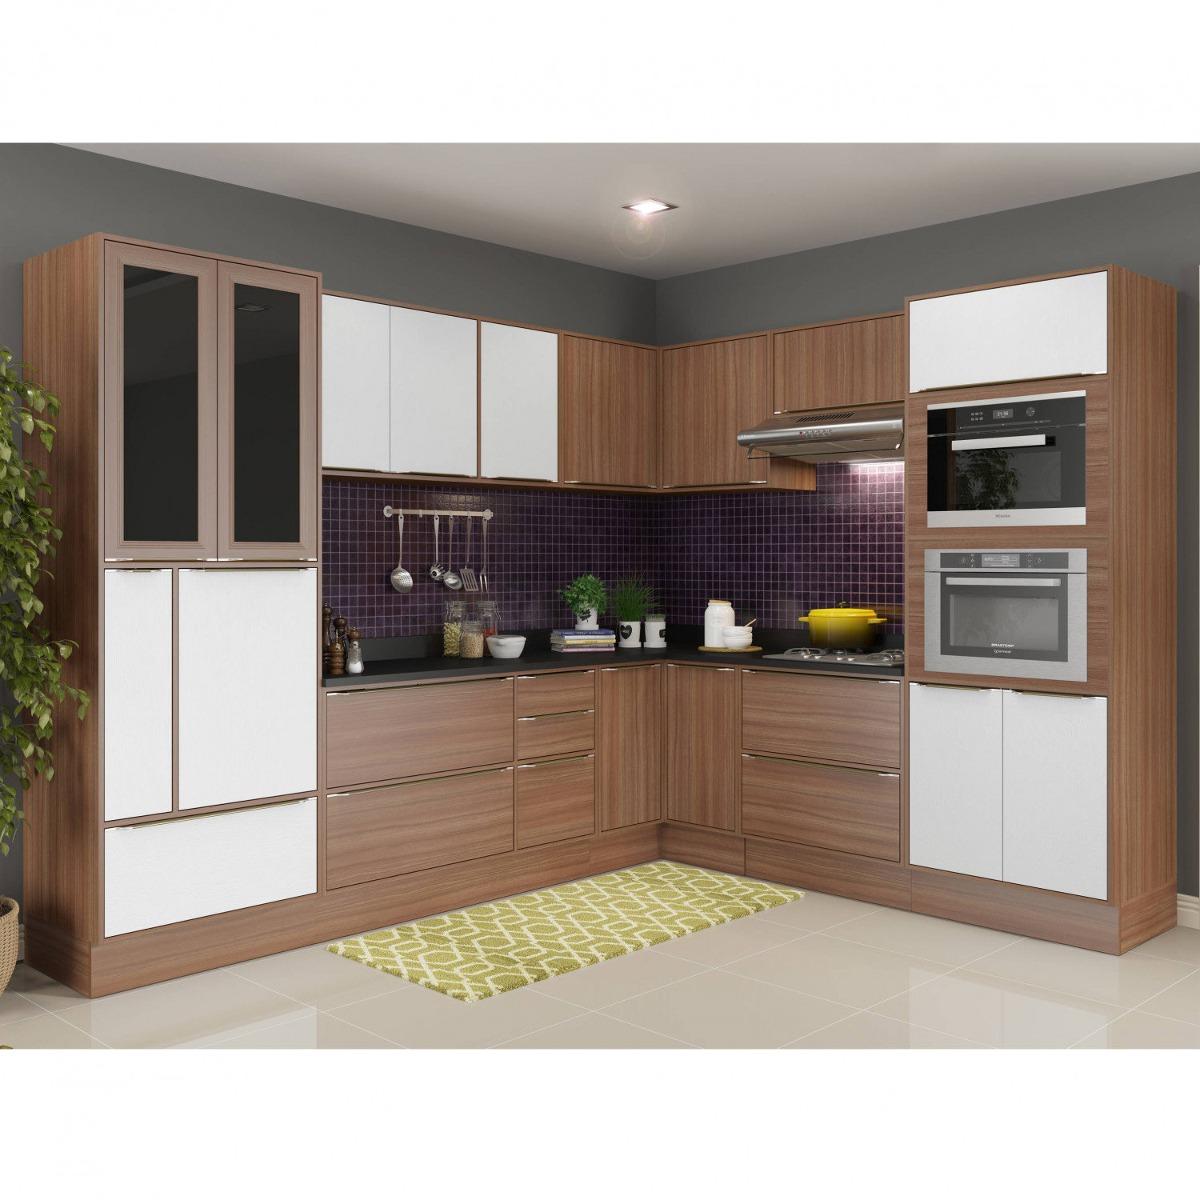 Cozinha Completa 15 M Dulos 19 Portas Cal Bria Jf R 3 599 90 Em